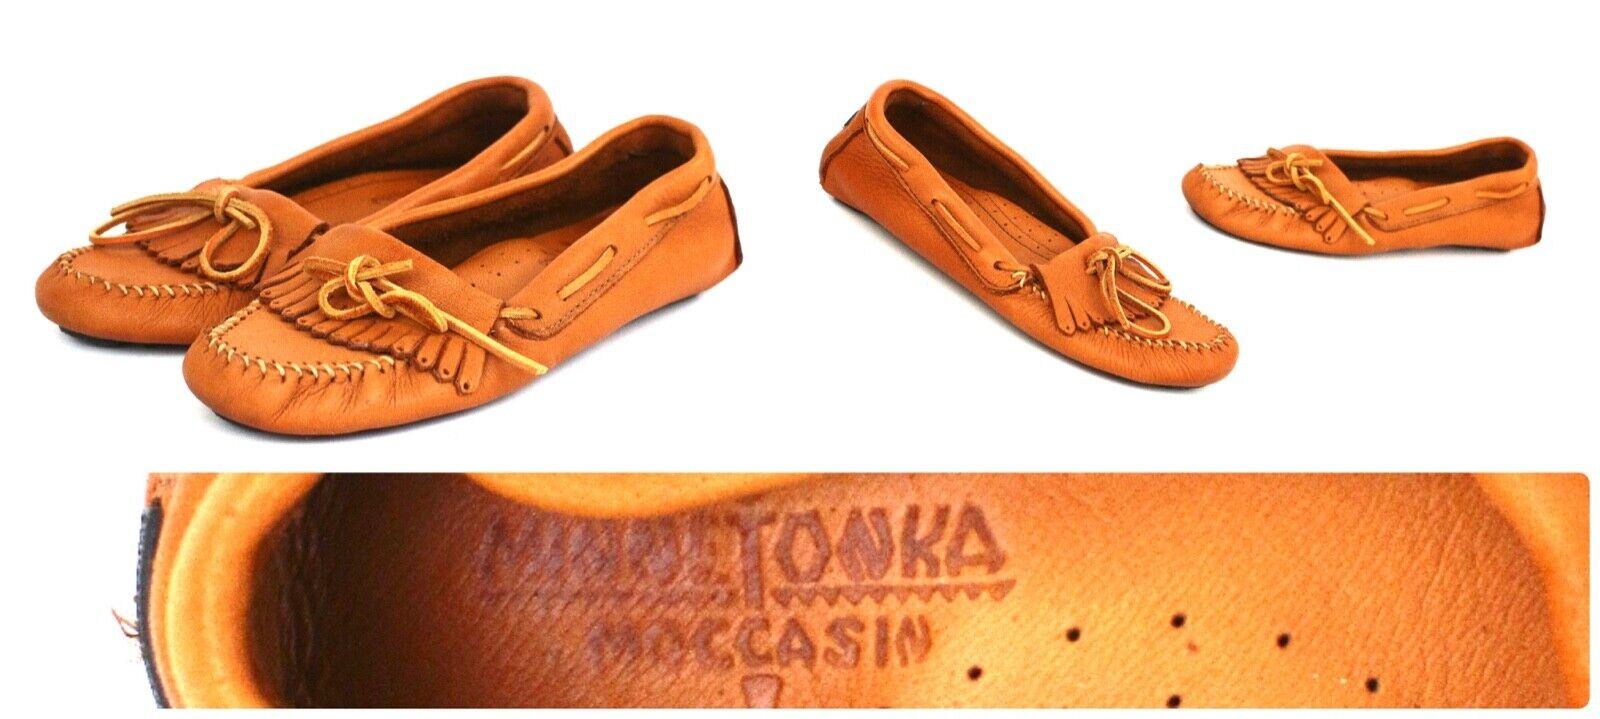 Minnetonka Men's Sz 9 Moosehide Driving Moccasin - Fast Ship